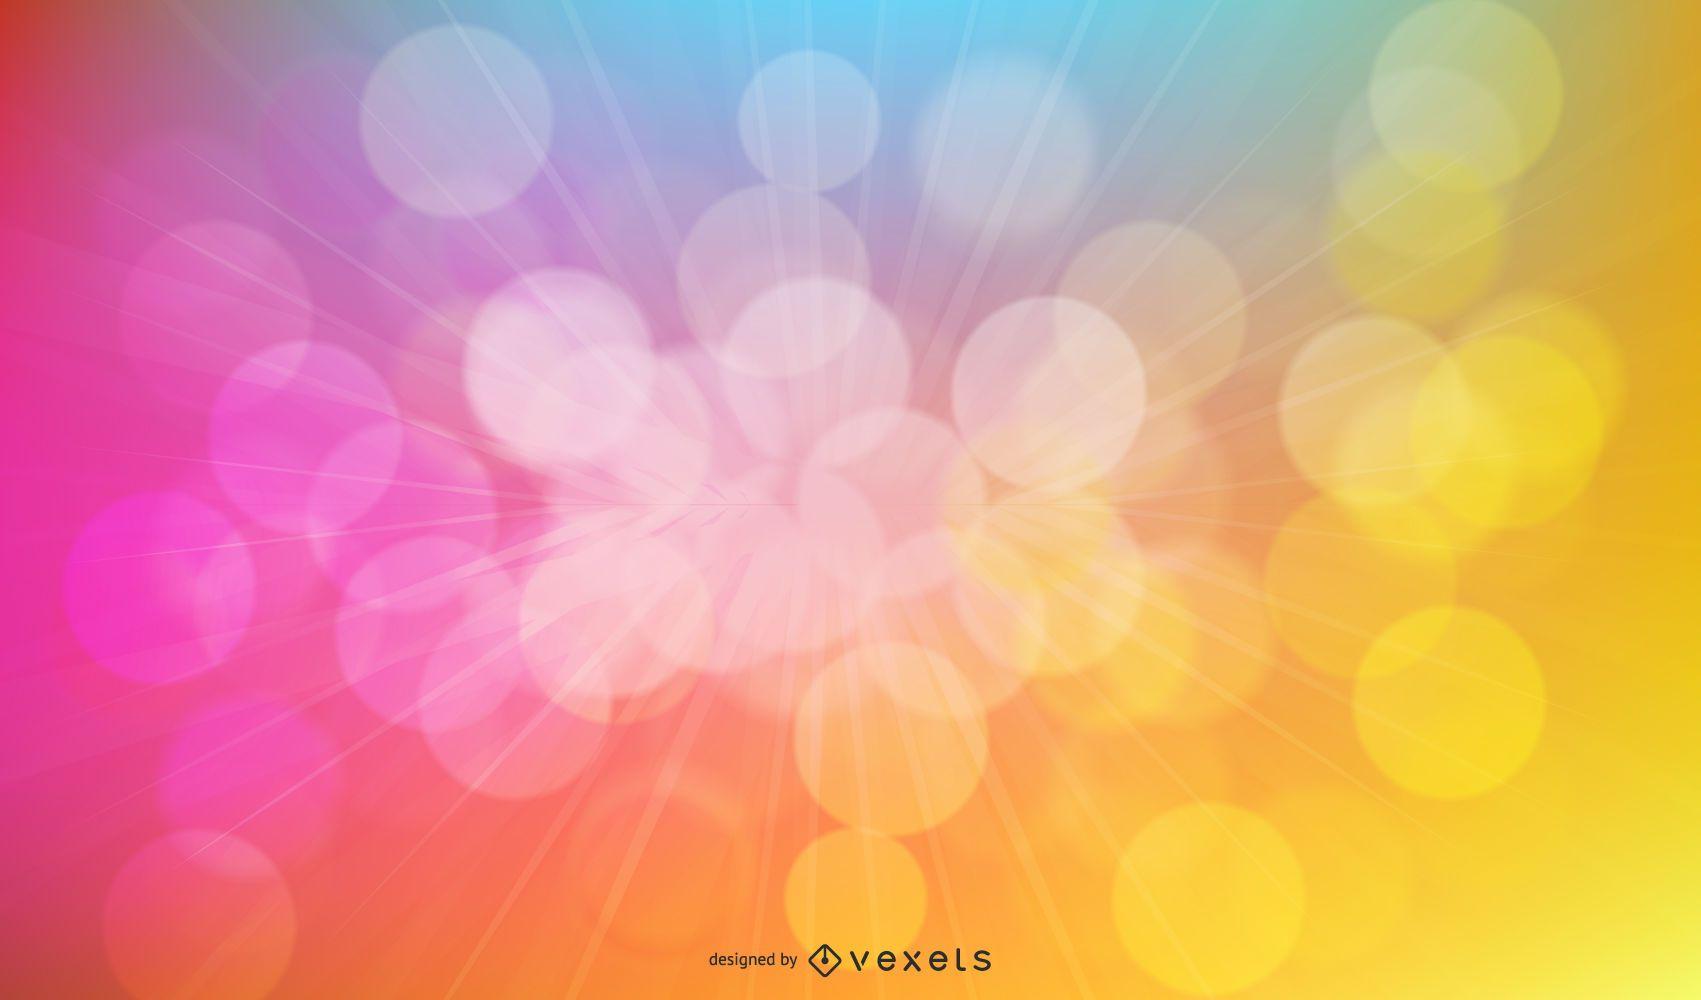 Resumen explosión luces fondo gráfico vectorial